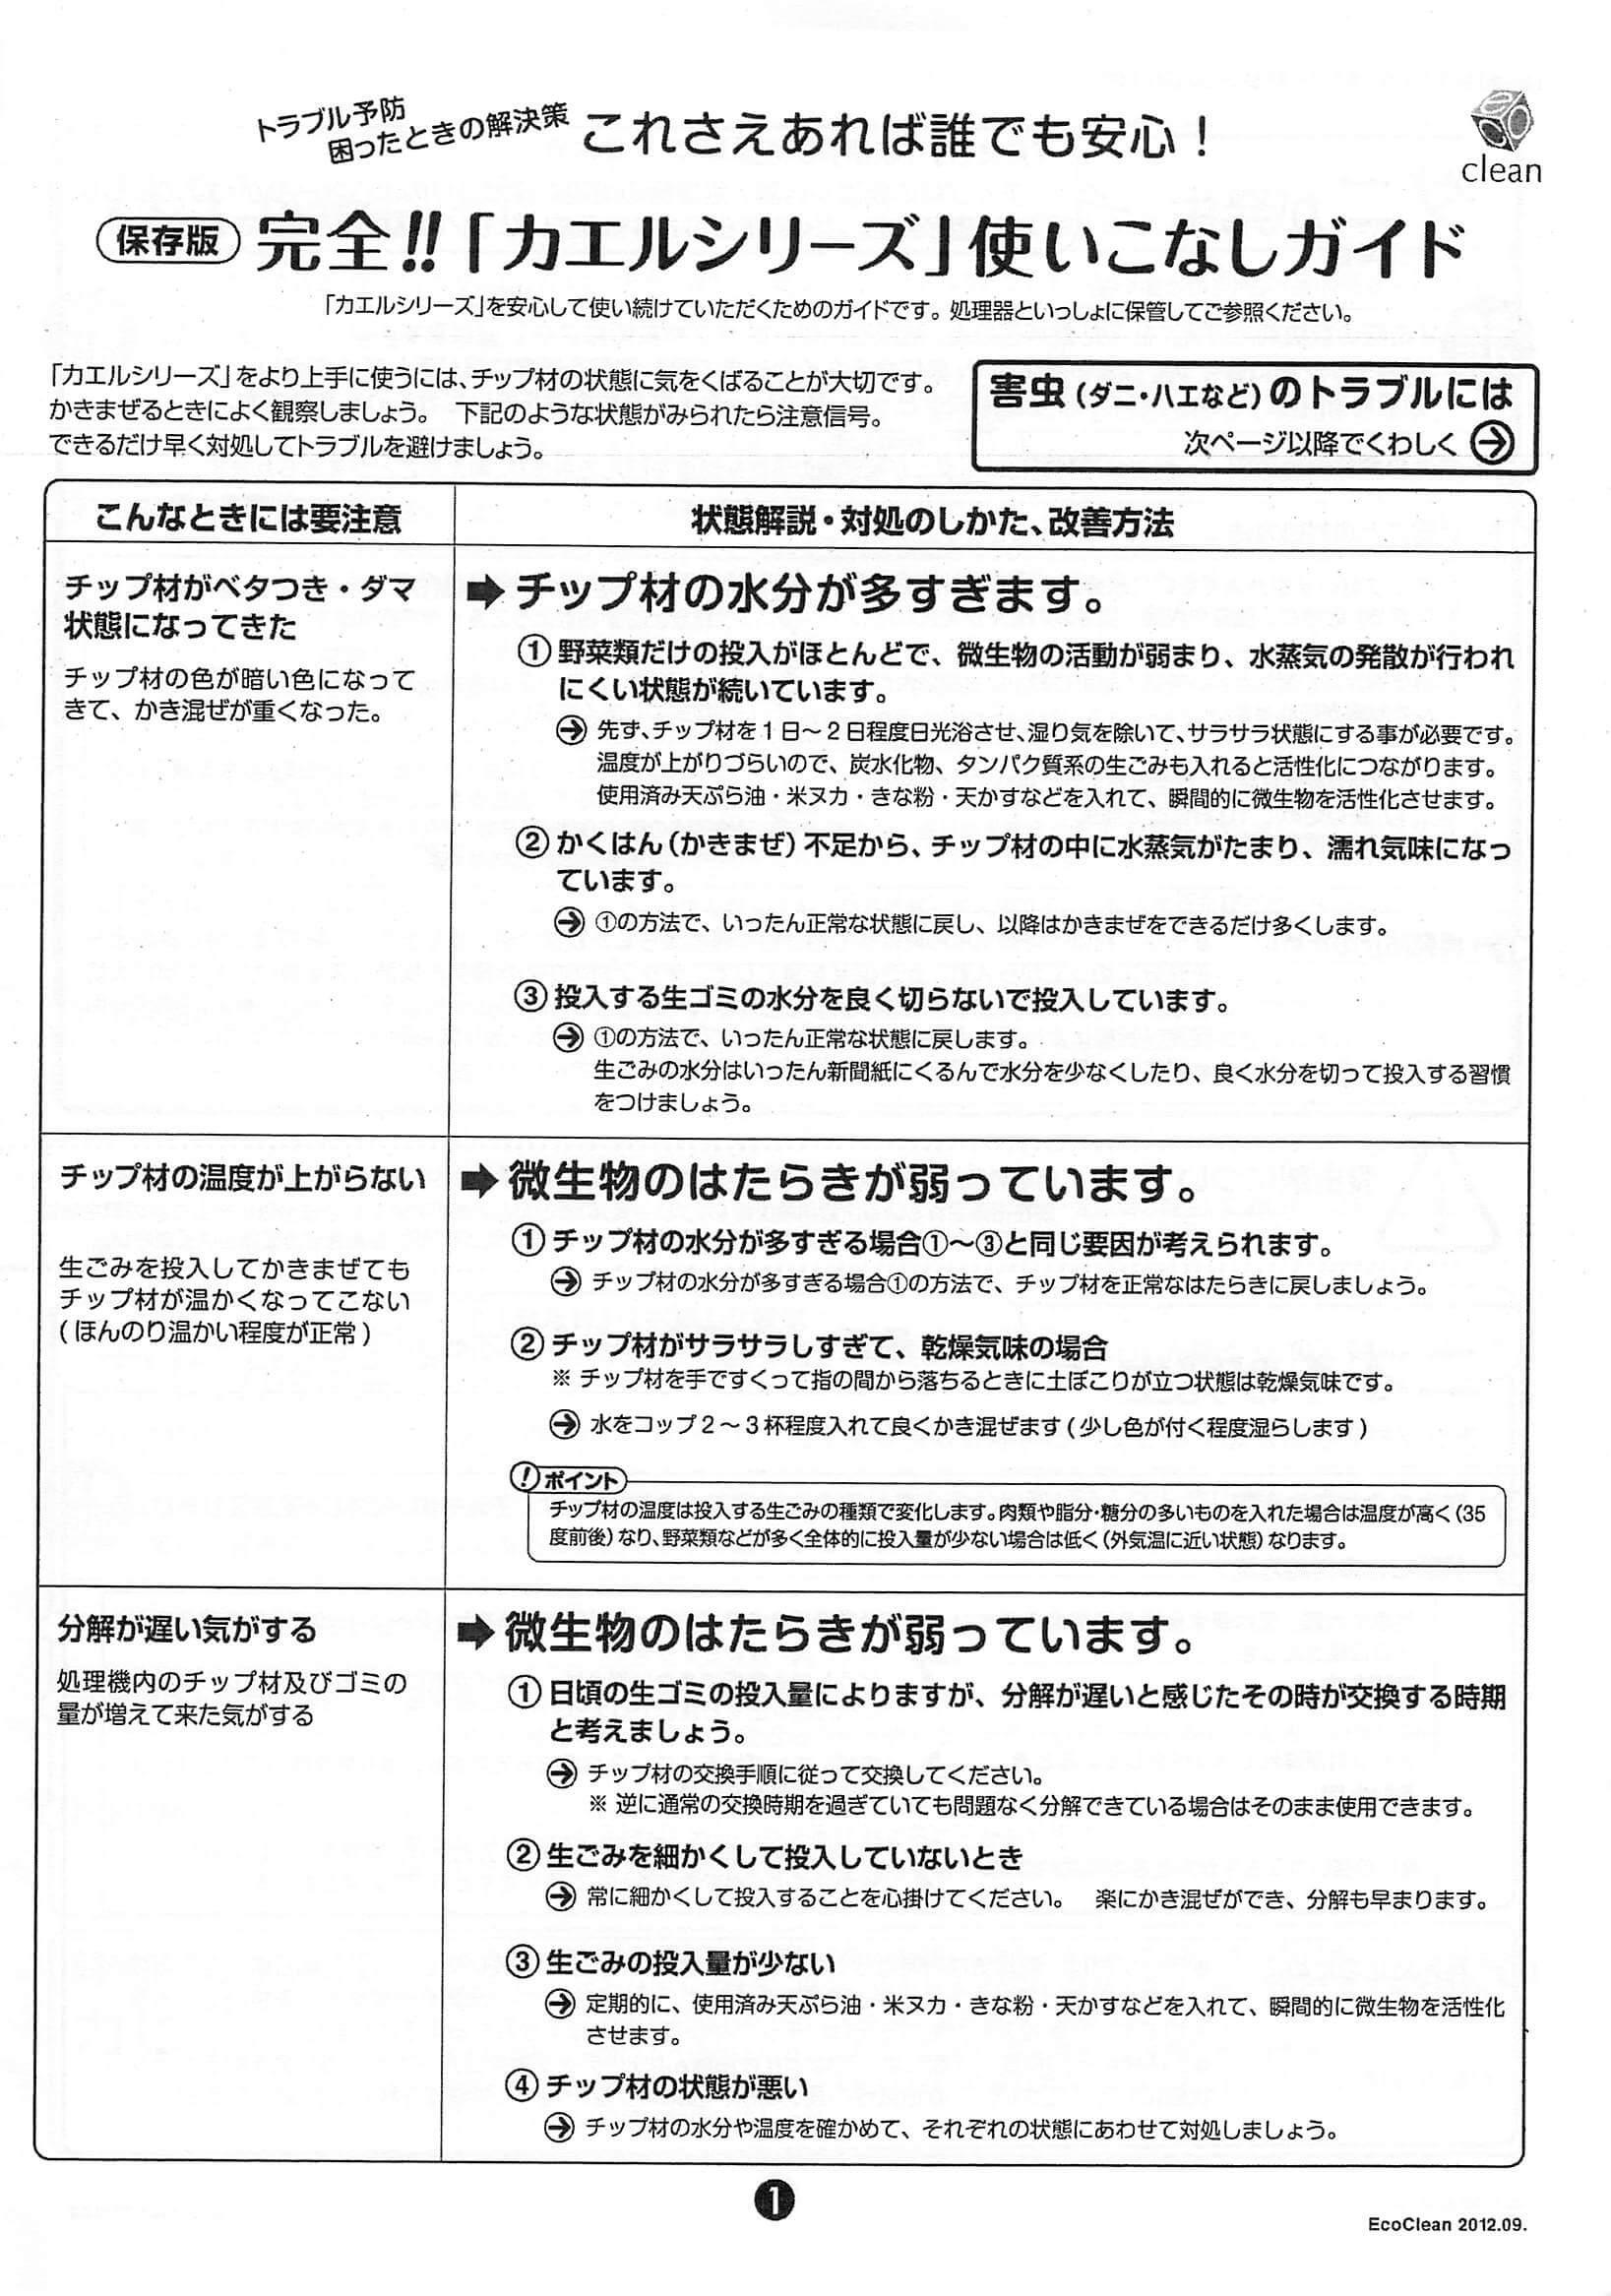 【取扱説明書】家庭用コンポスト (自然にカエルS SKS-101)